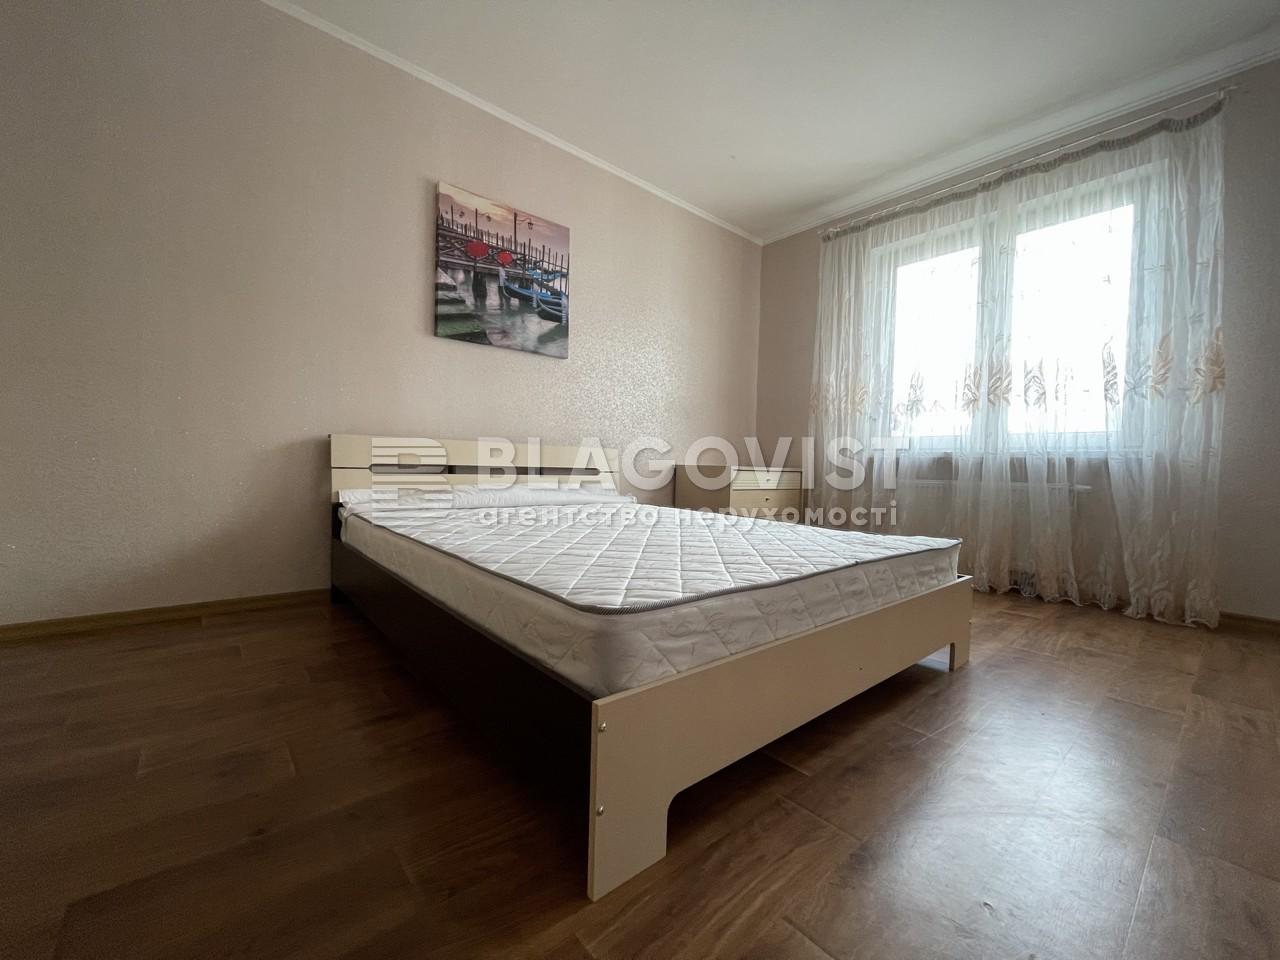 Квартира A-112426, Данченко Сергея, 5, Киев - Фото 7